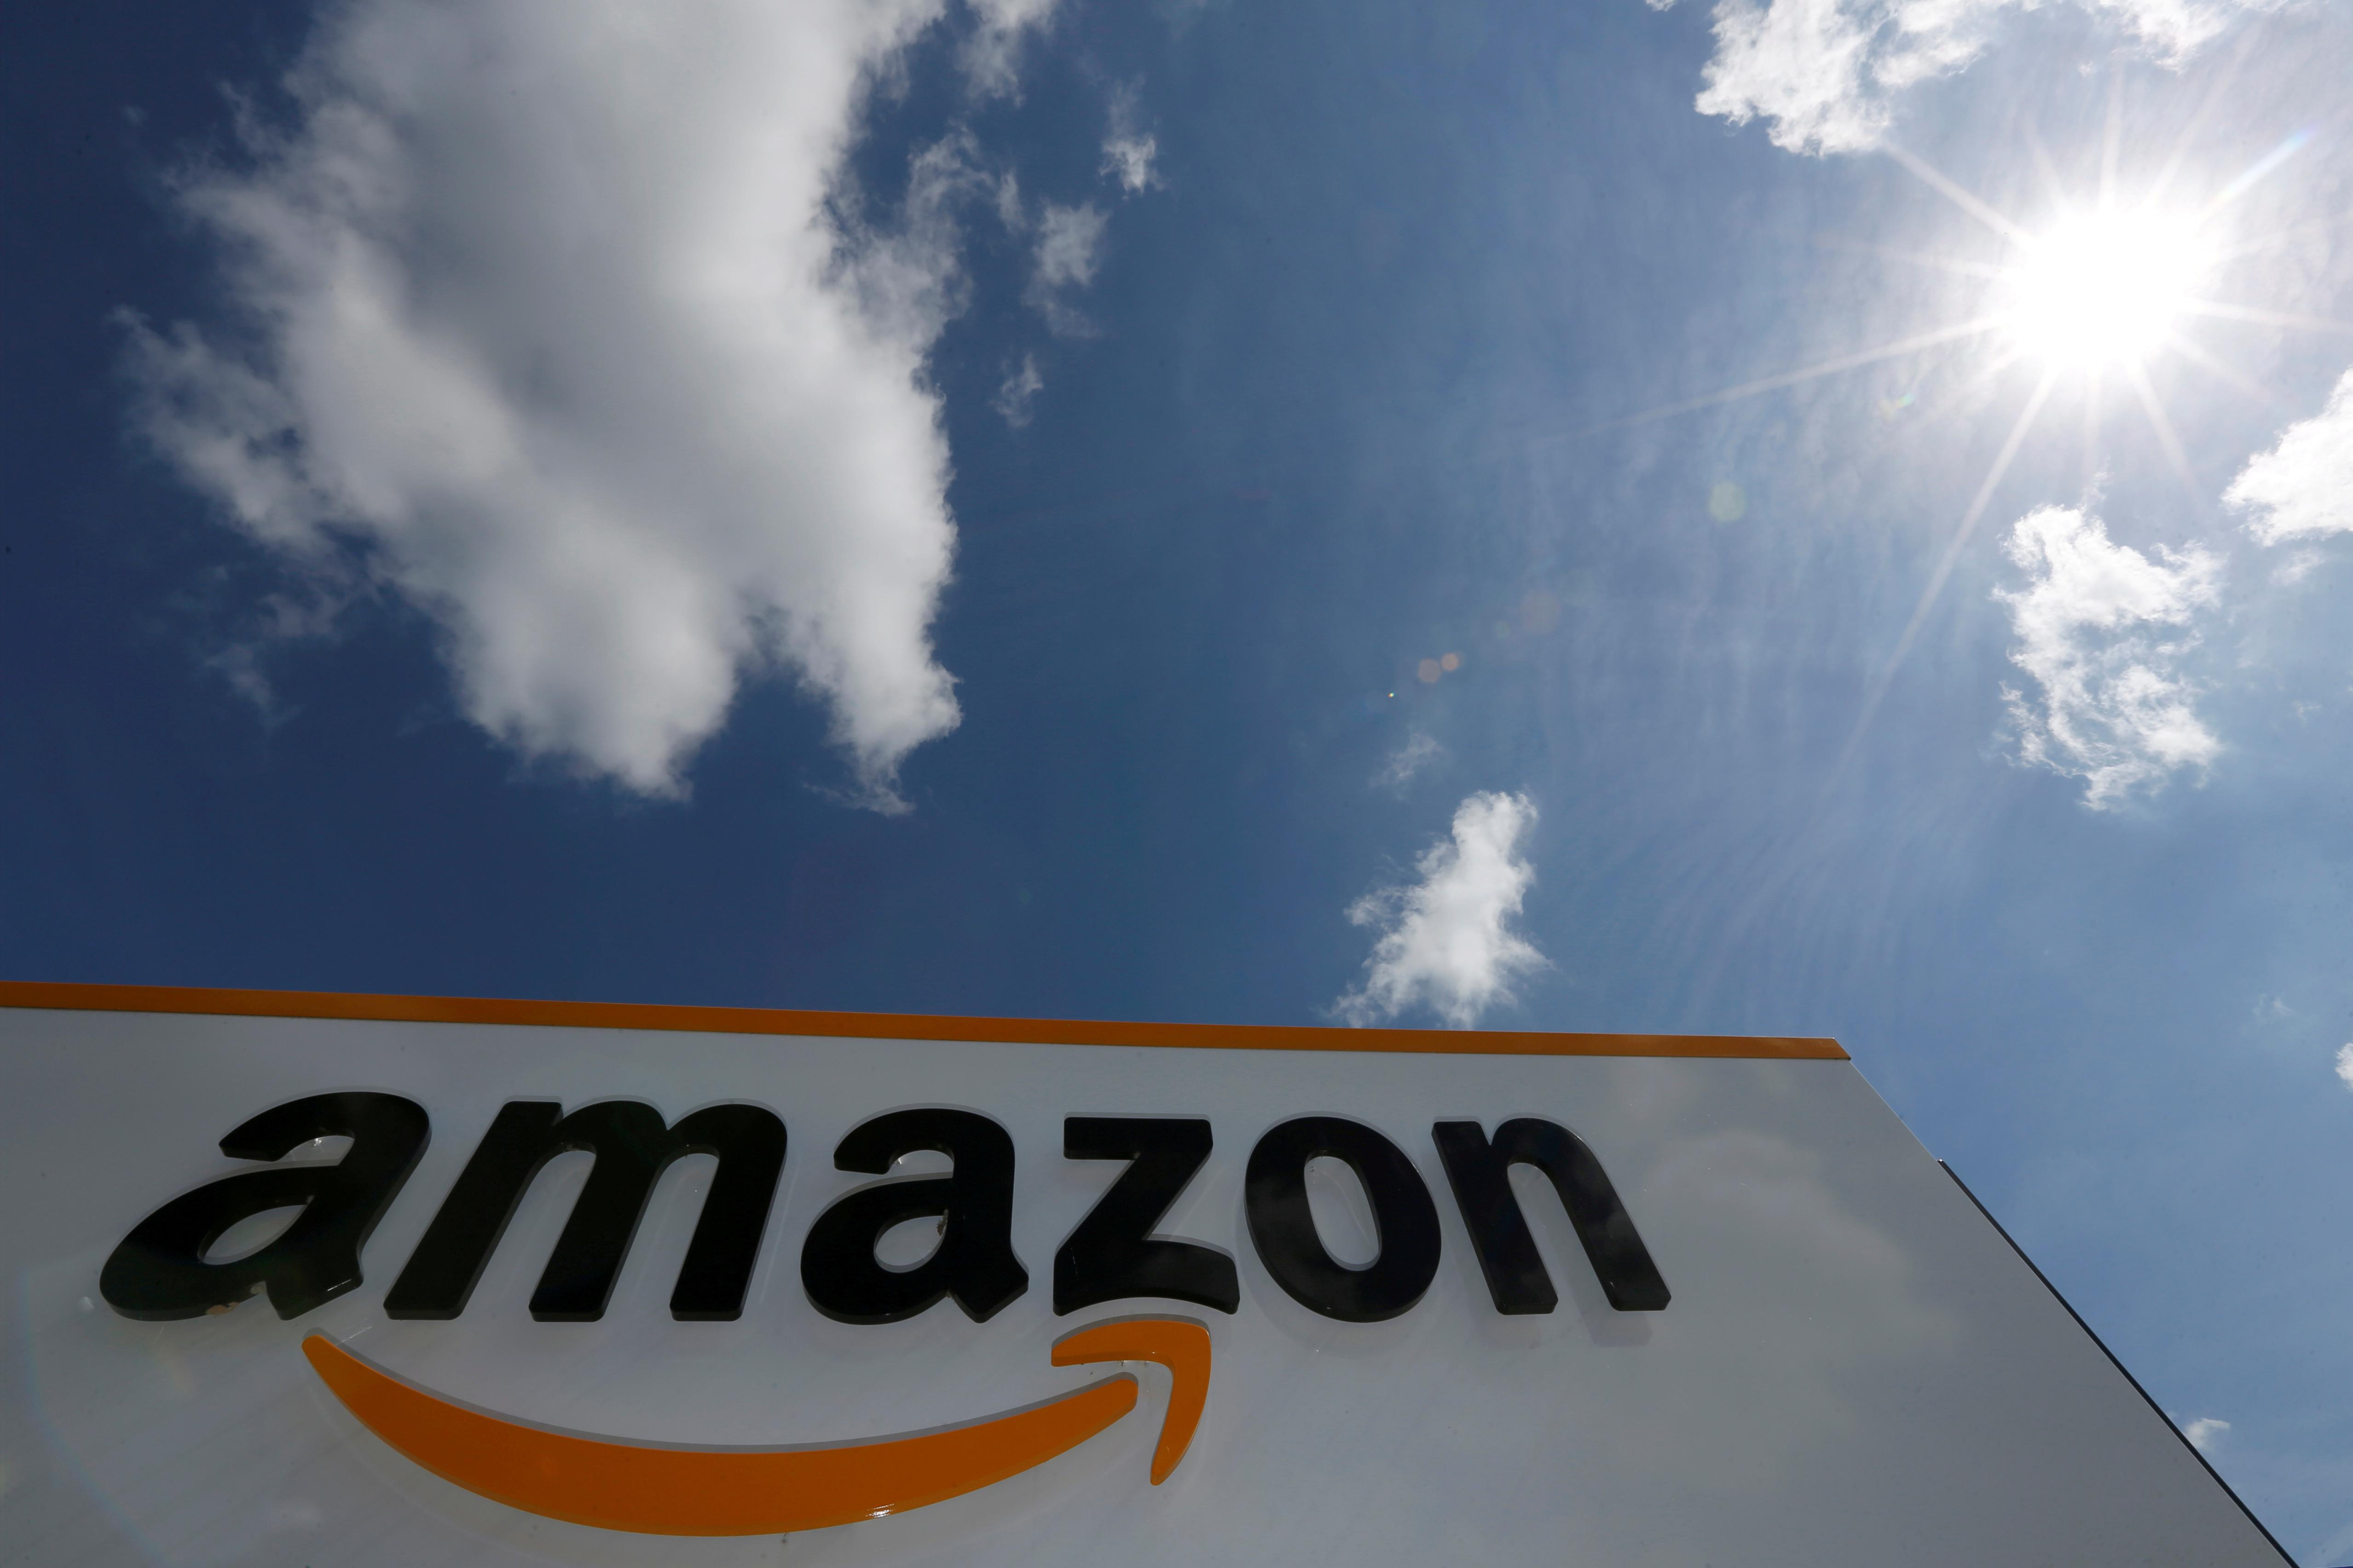 Κάλεσμα από προσωπικότητες για μποϊκοτάζ στην Amazon